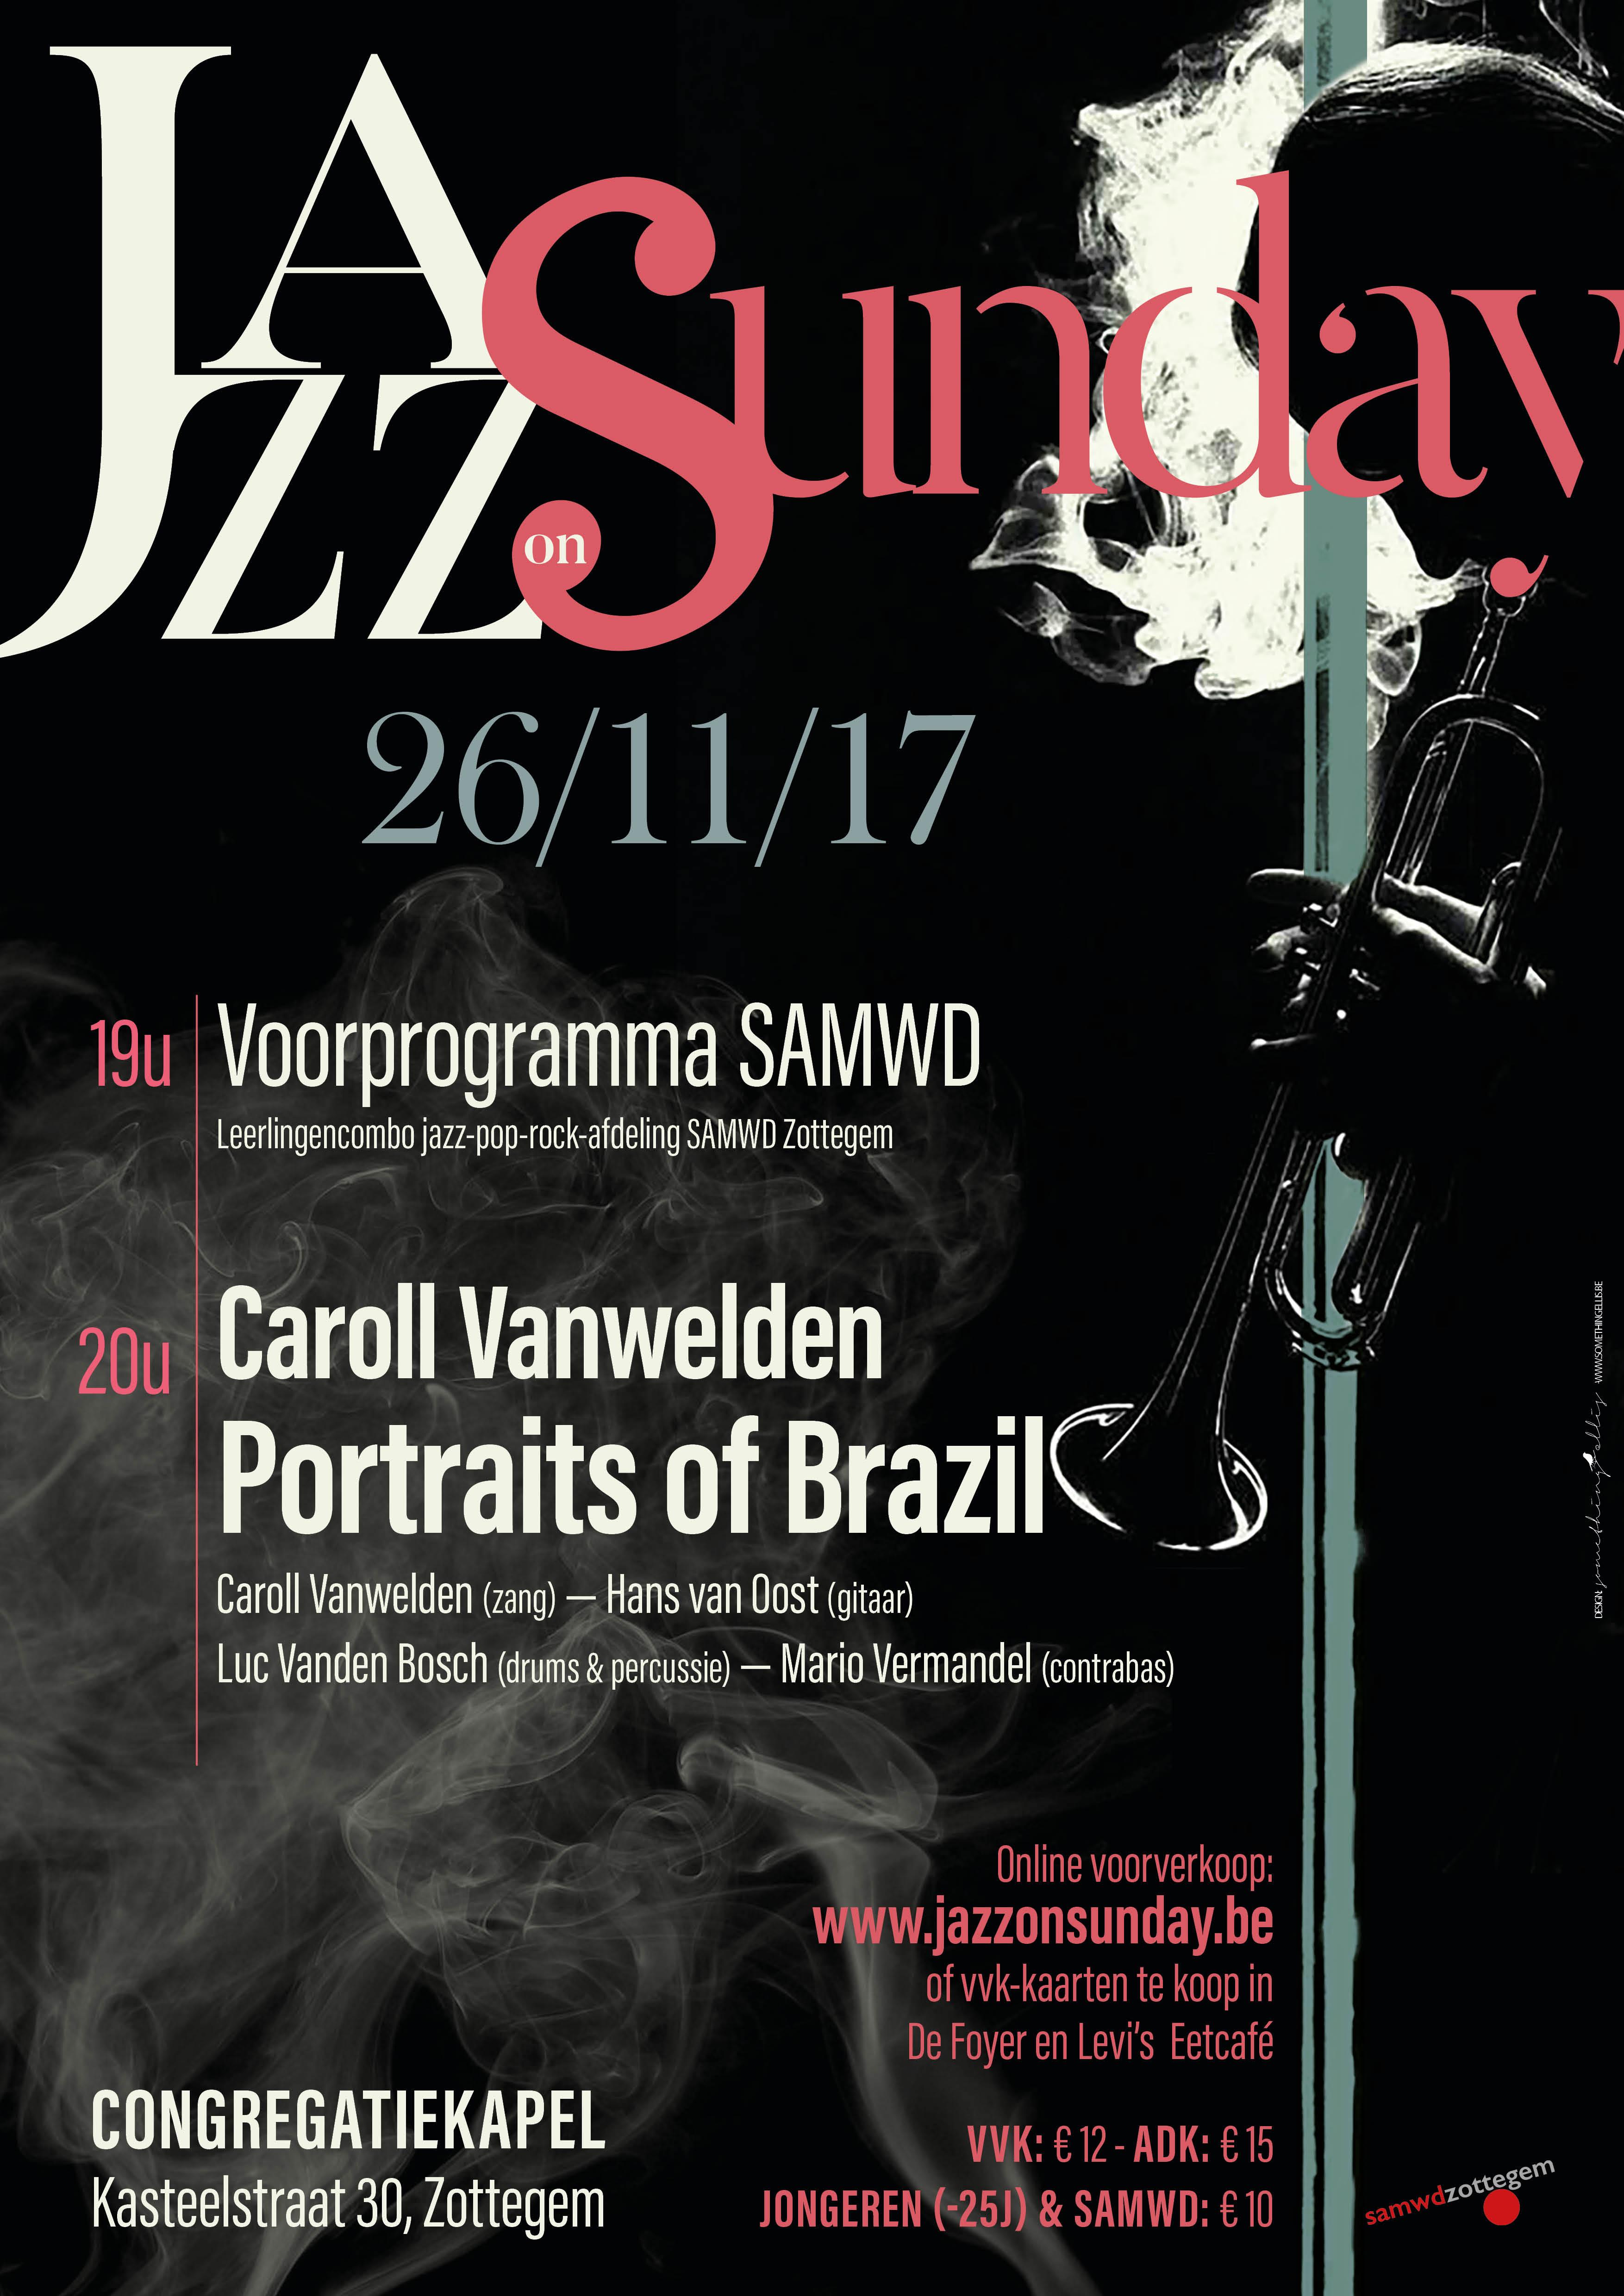 20171126-web-affiche-26_11_2017-Caroll-Vanwelden